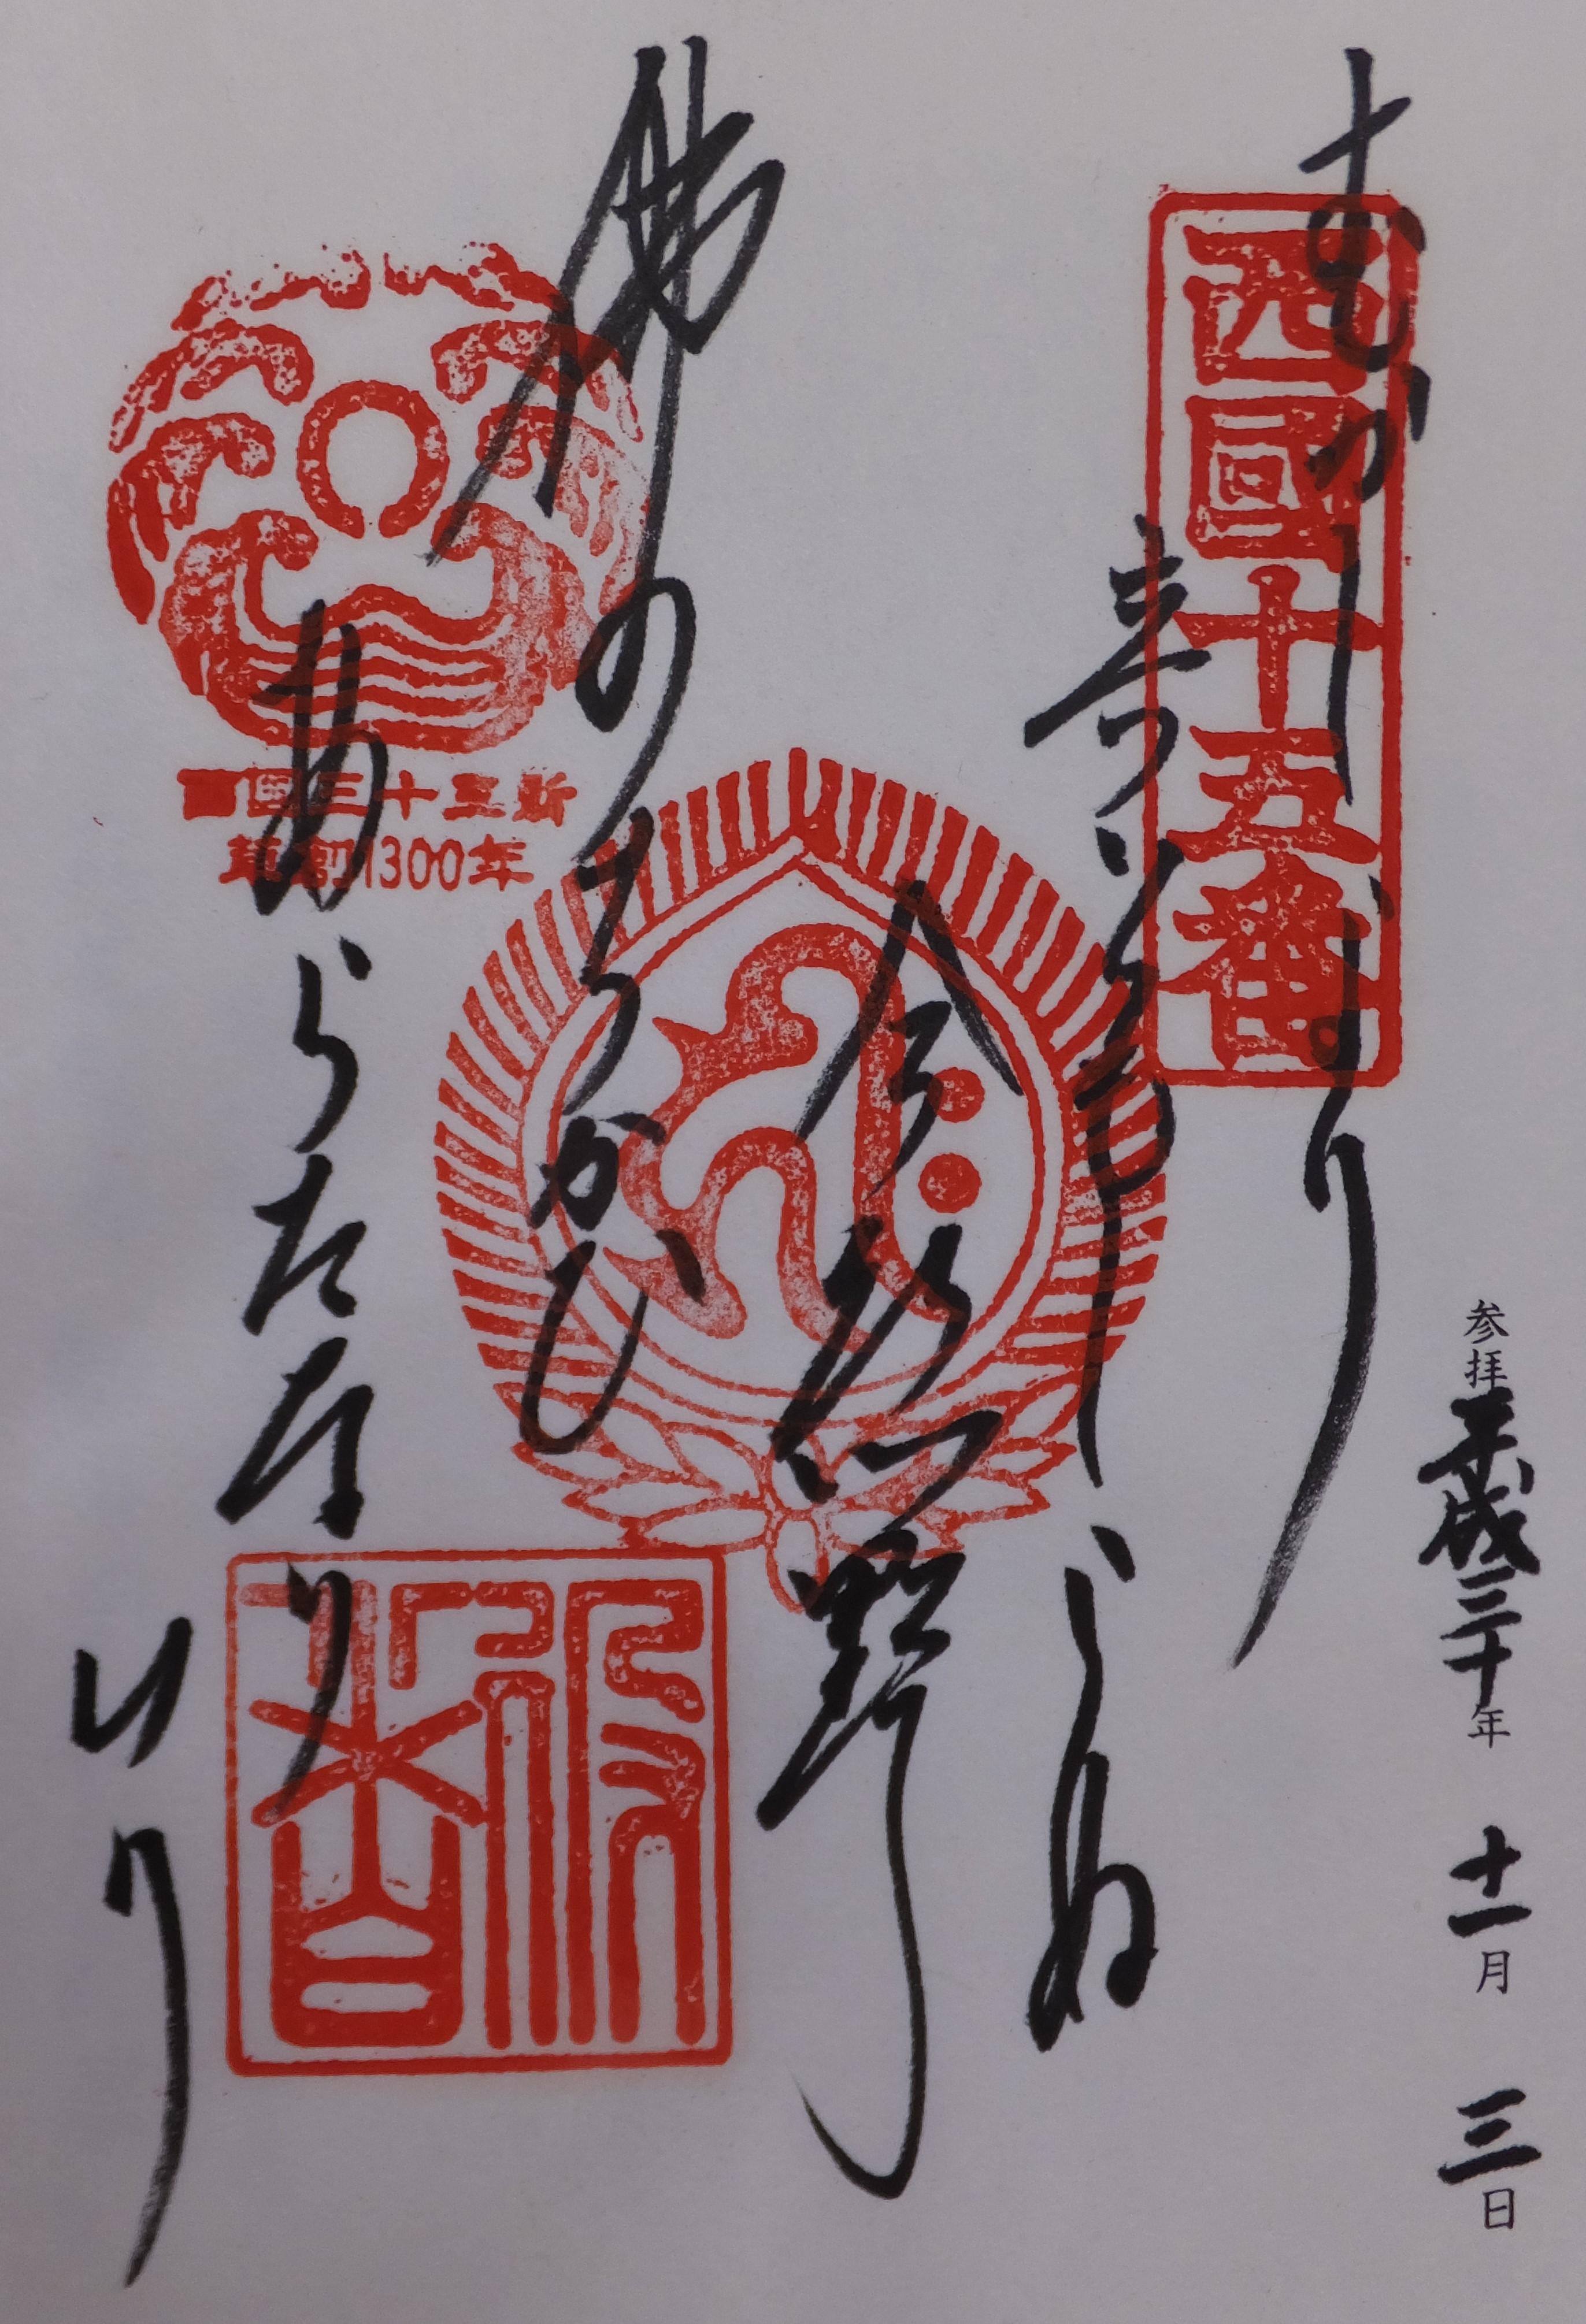 御詠歌(今熊野観音寺)